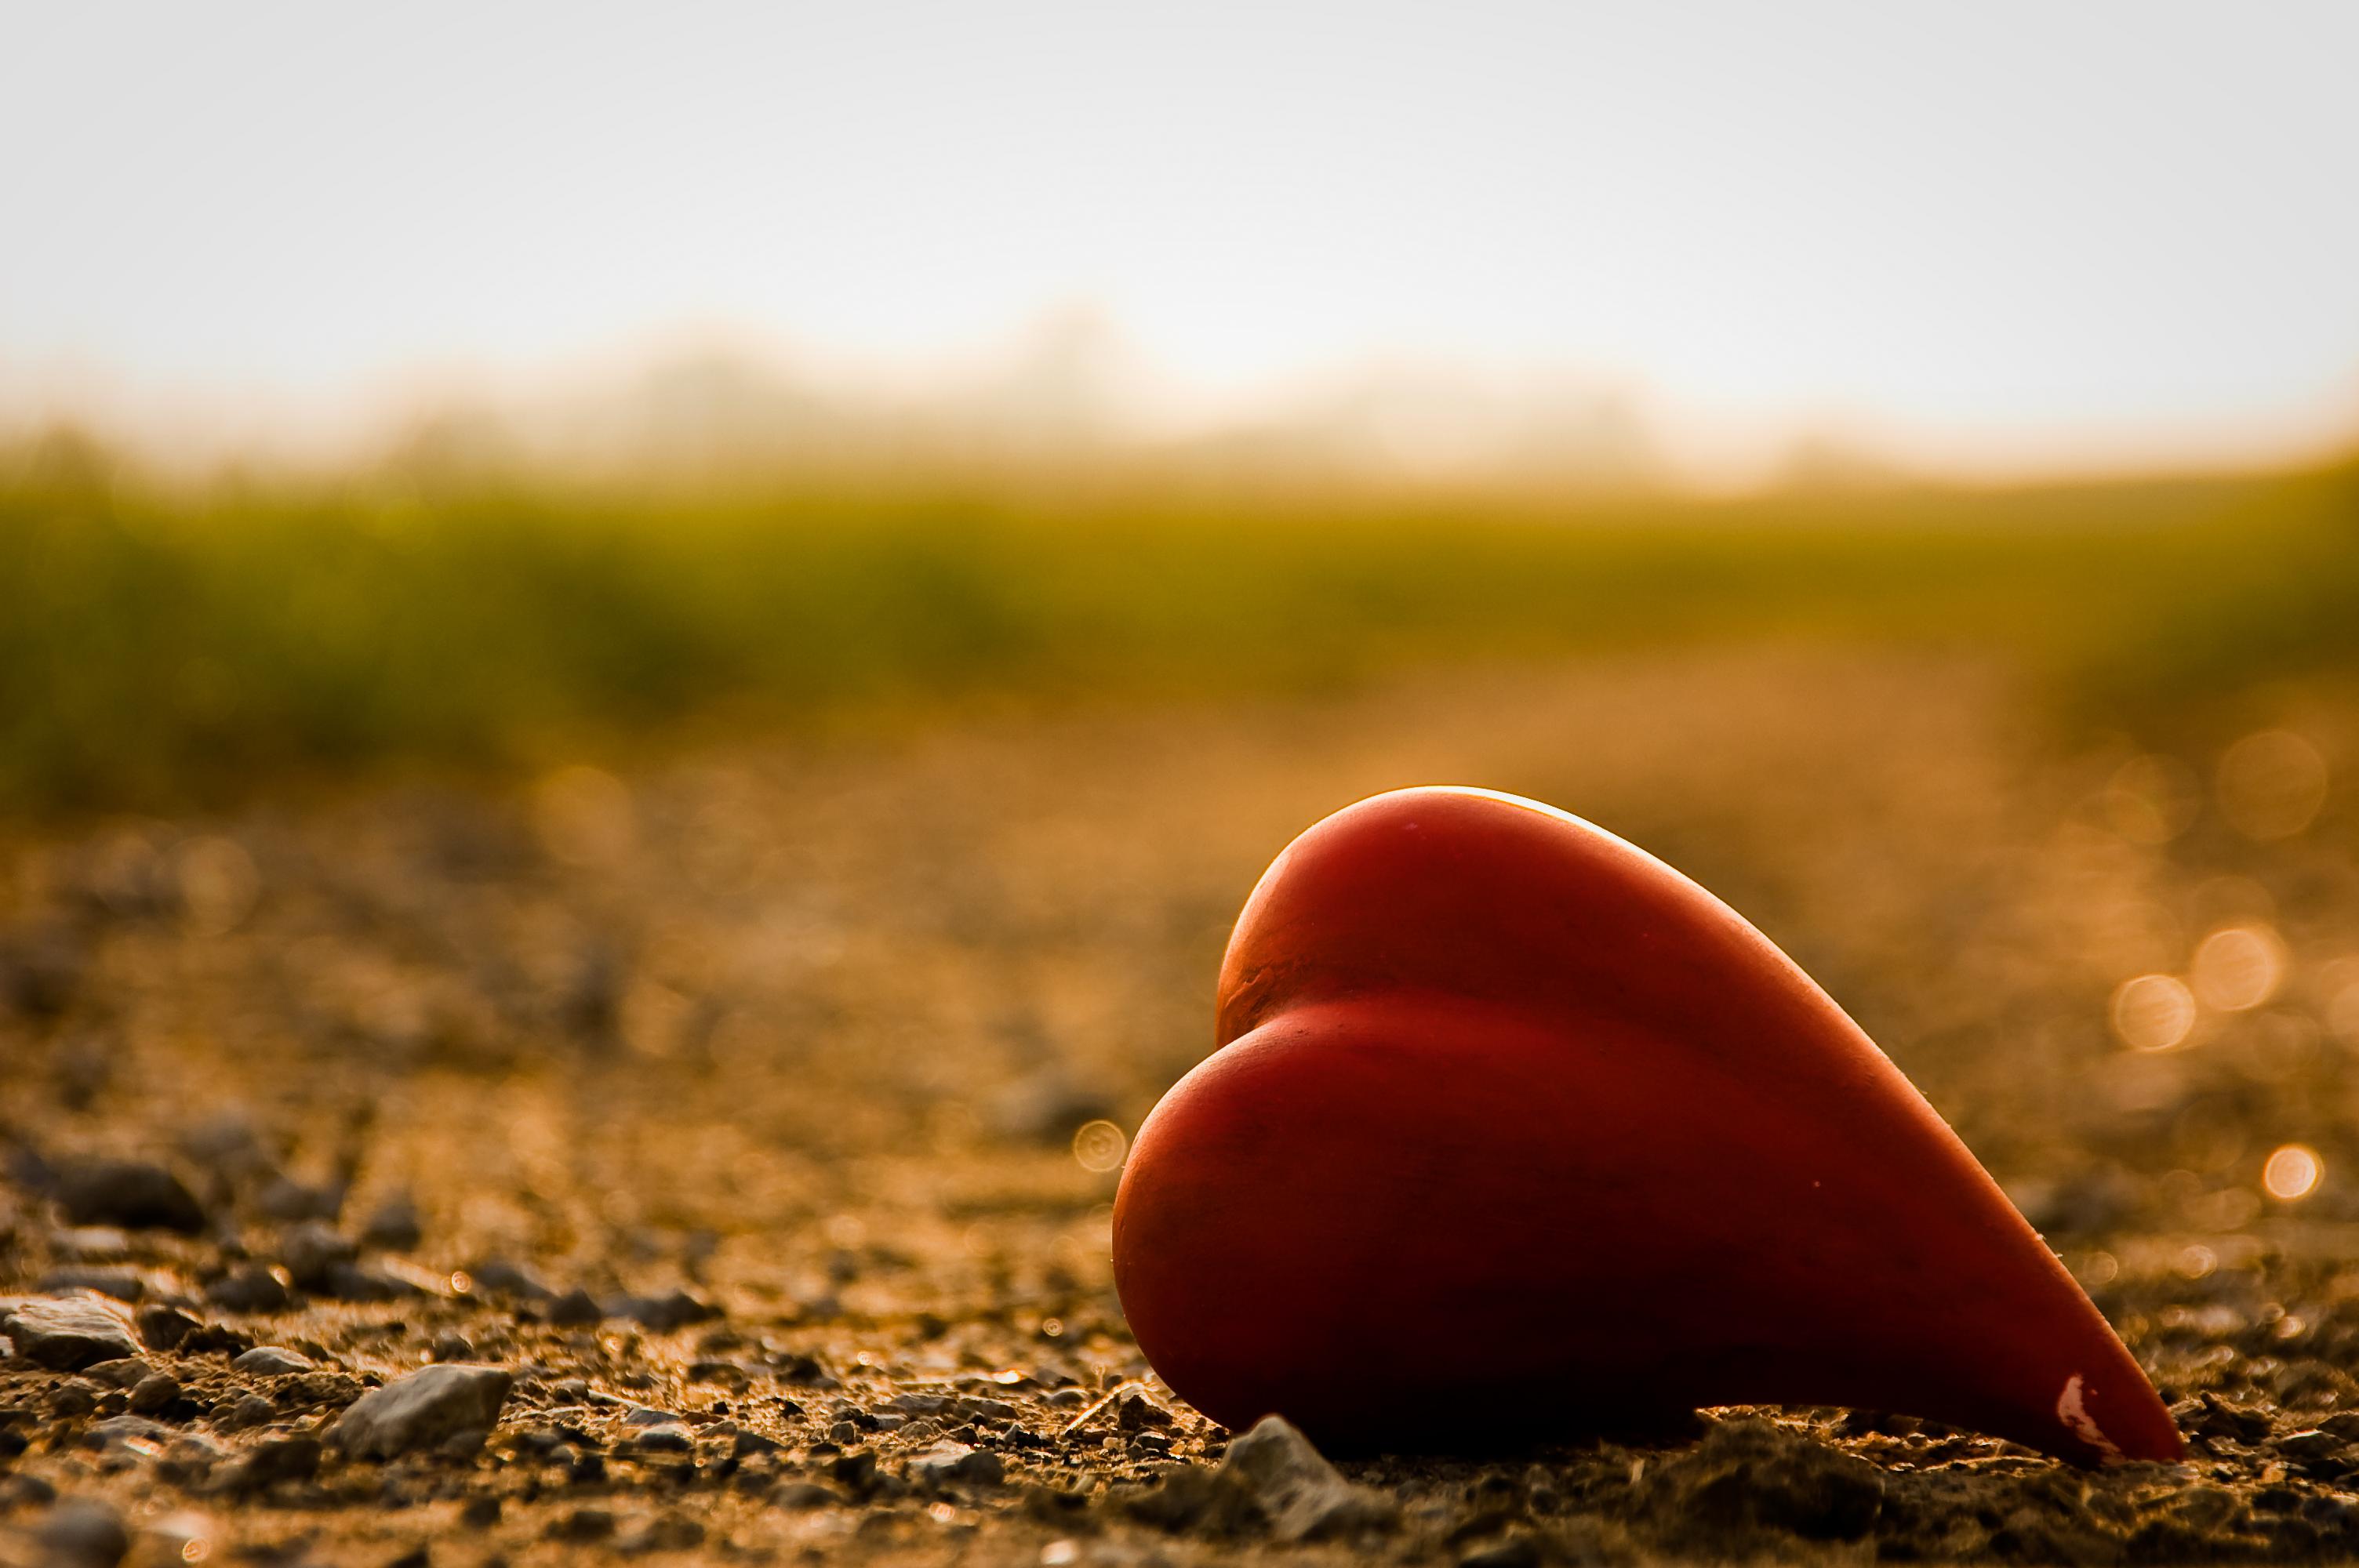 Сердце из зелени  № 1599083  скачать